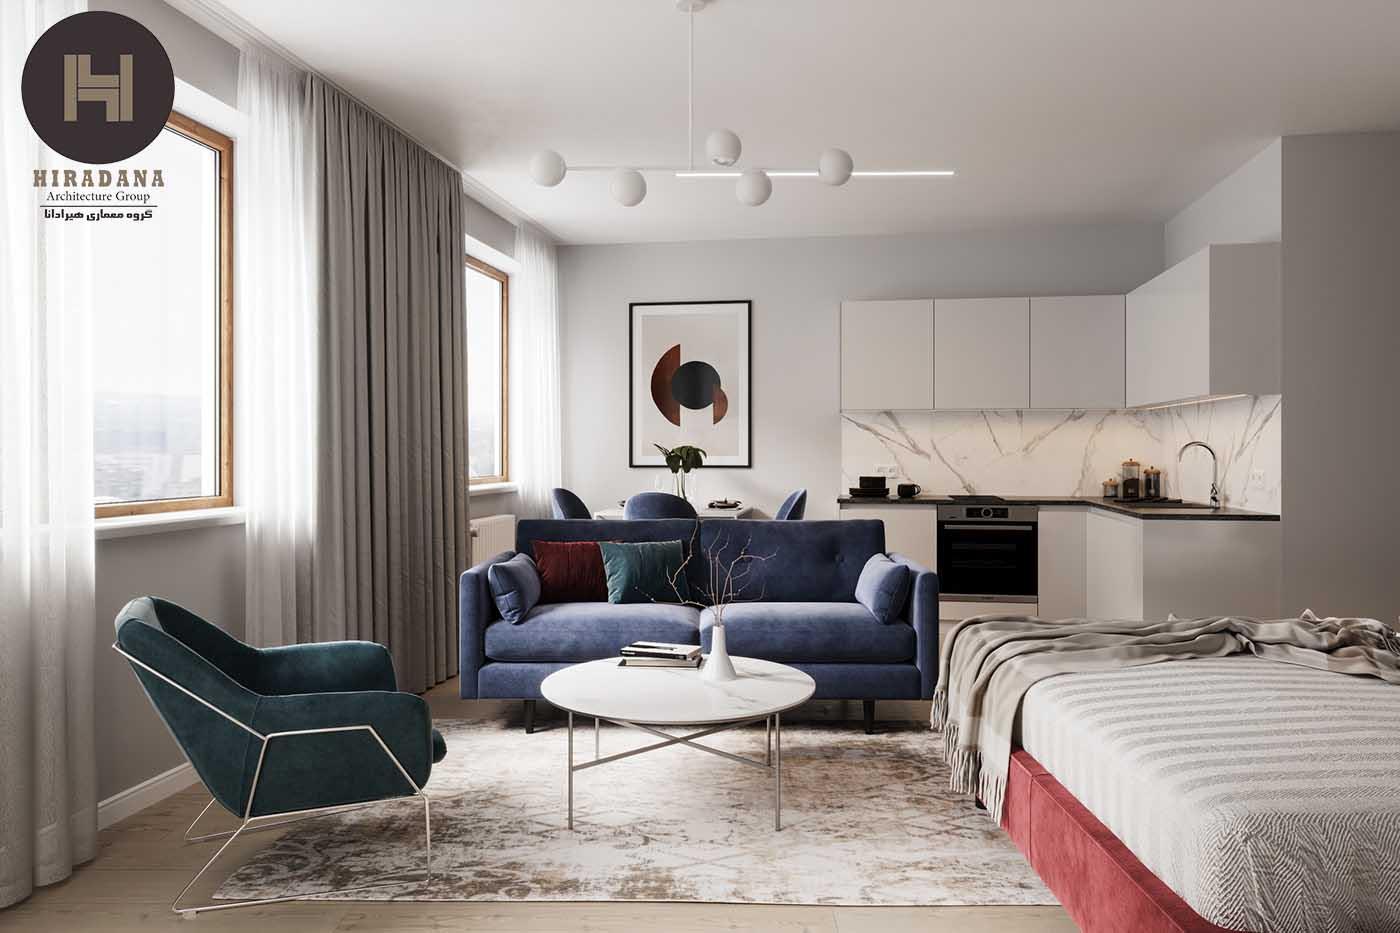 طراحی دکوراسیون داخلی مدرن با پالت رنگی آبی و قرمز